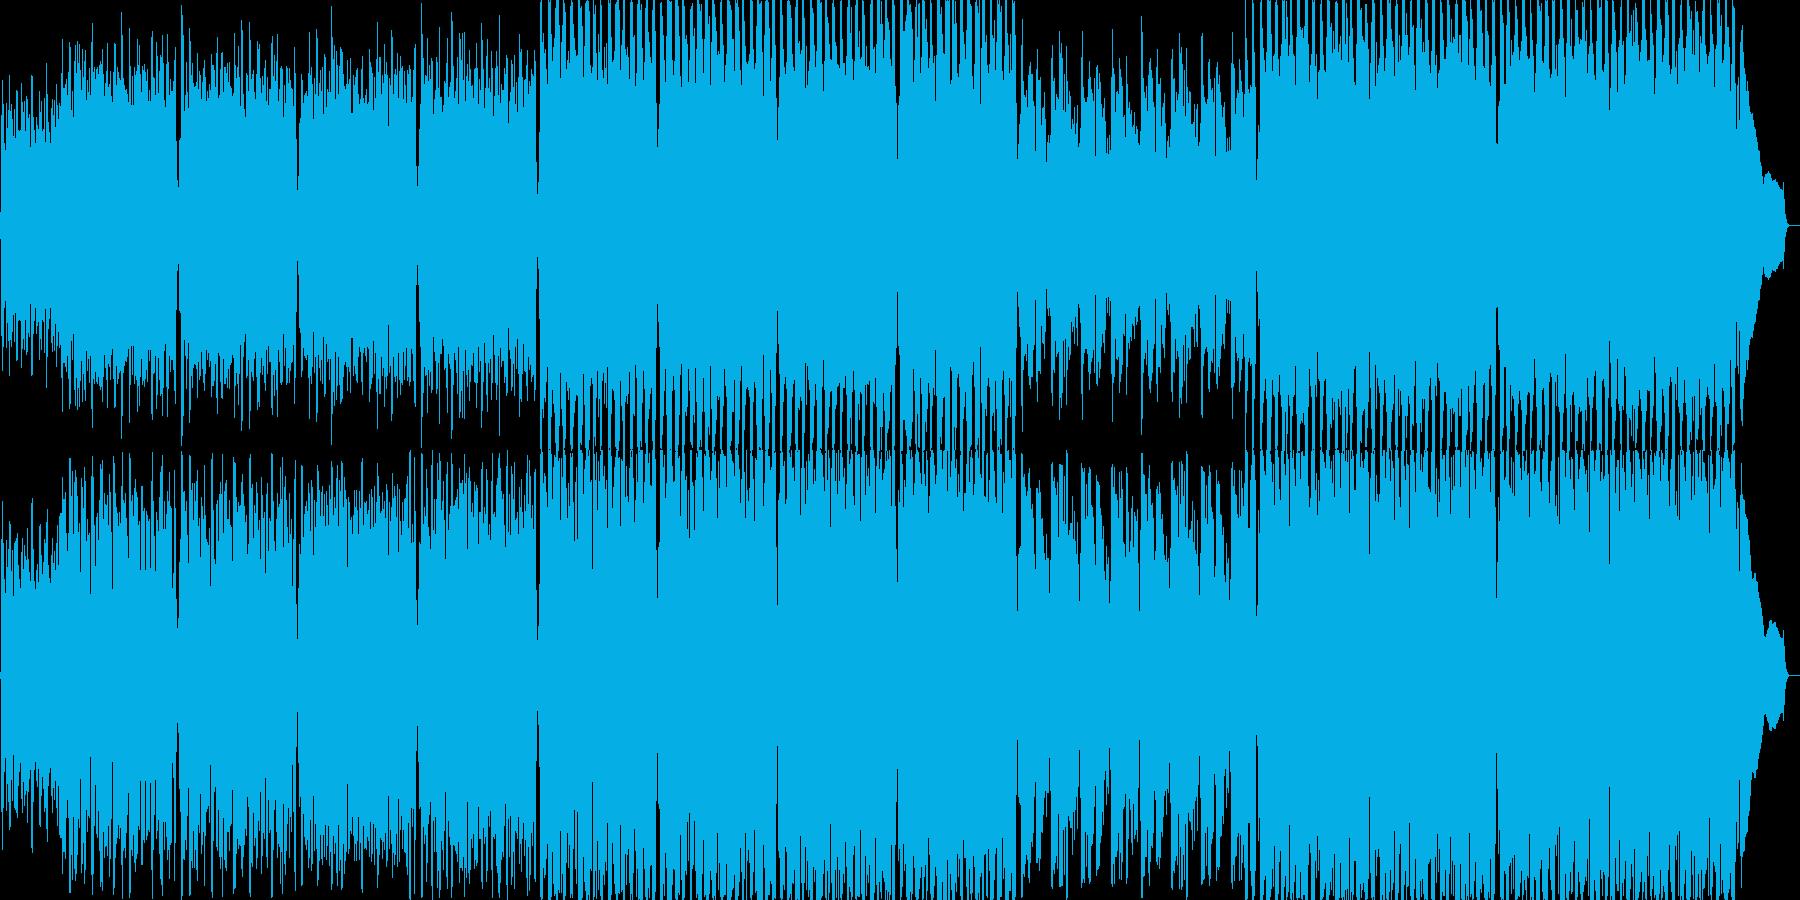 長調のジグ(アイルランド舞曲)の再生済みの波形